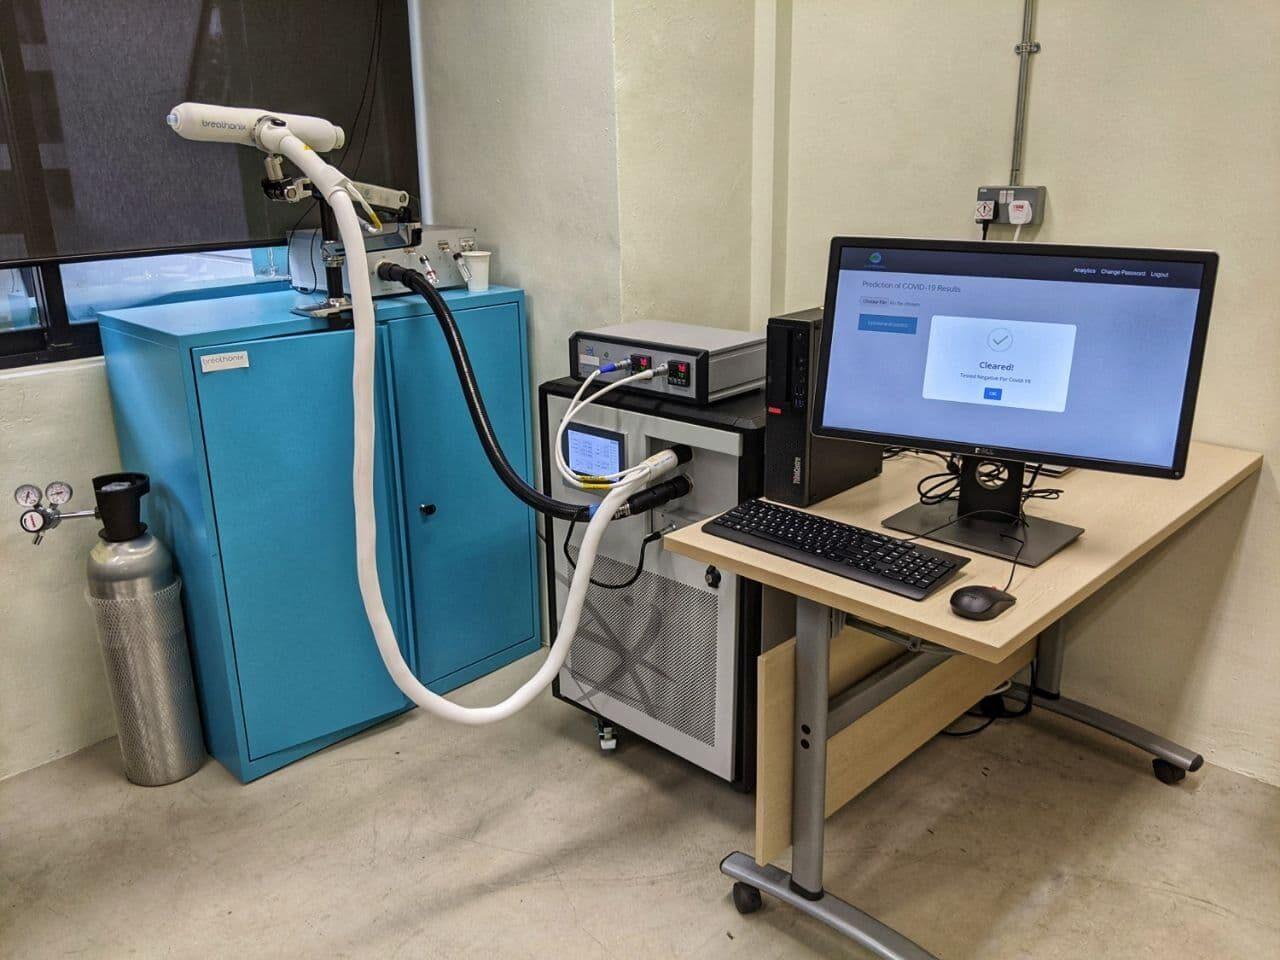 Máquina que realiza o teste do bafômetro para detecção da Covid-19